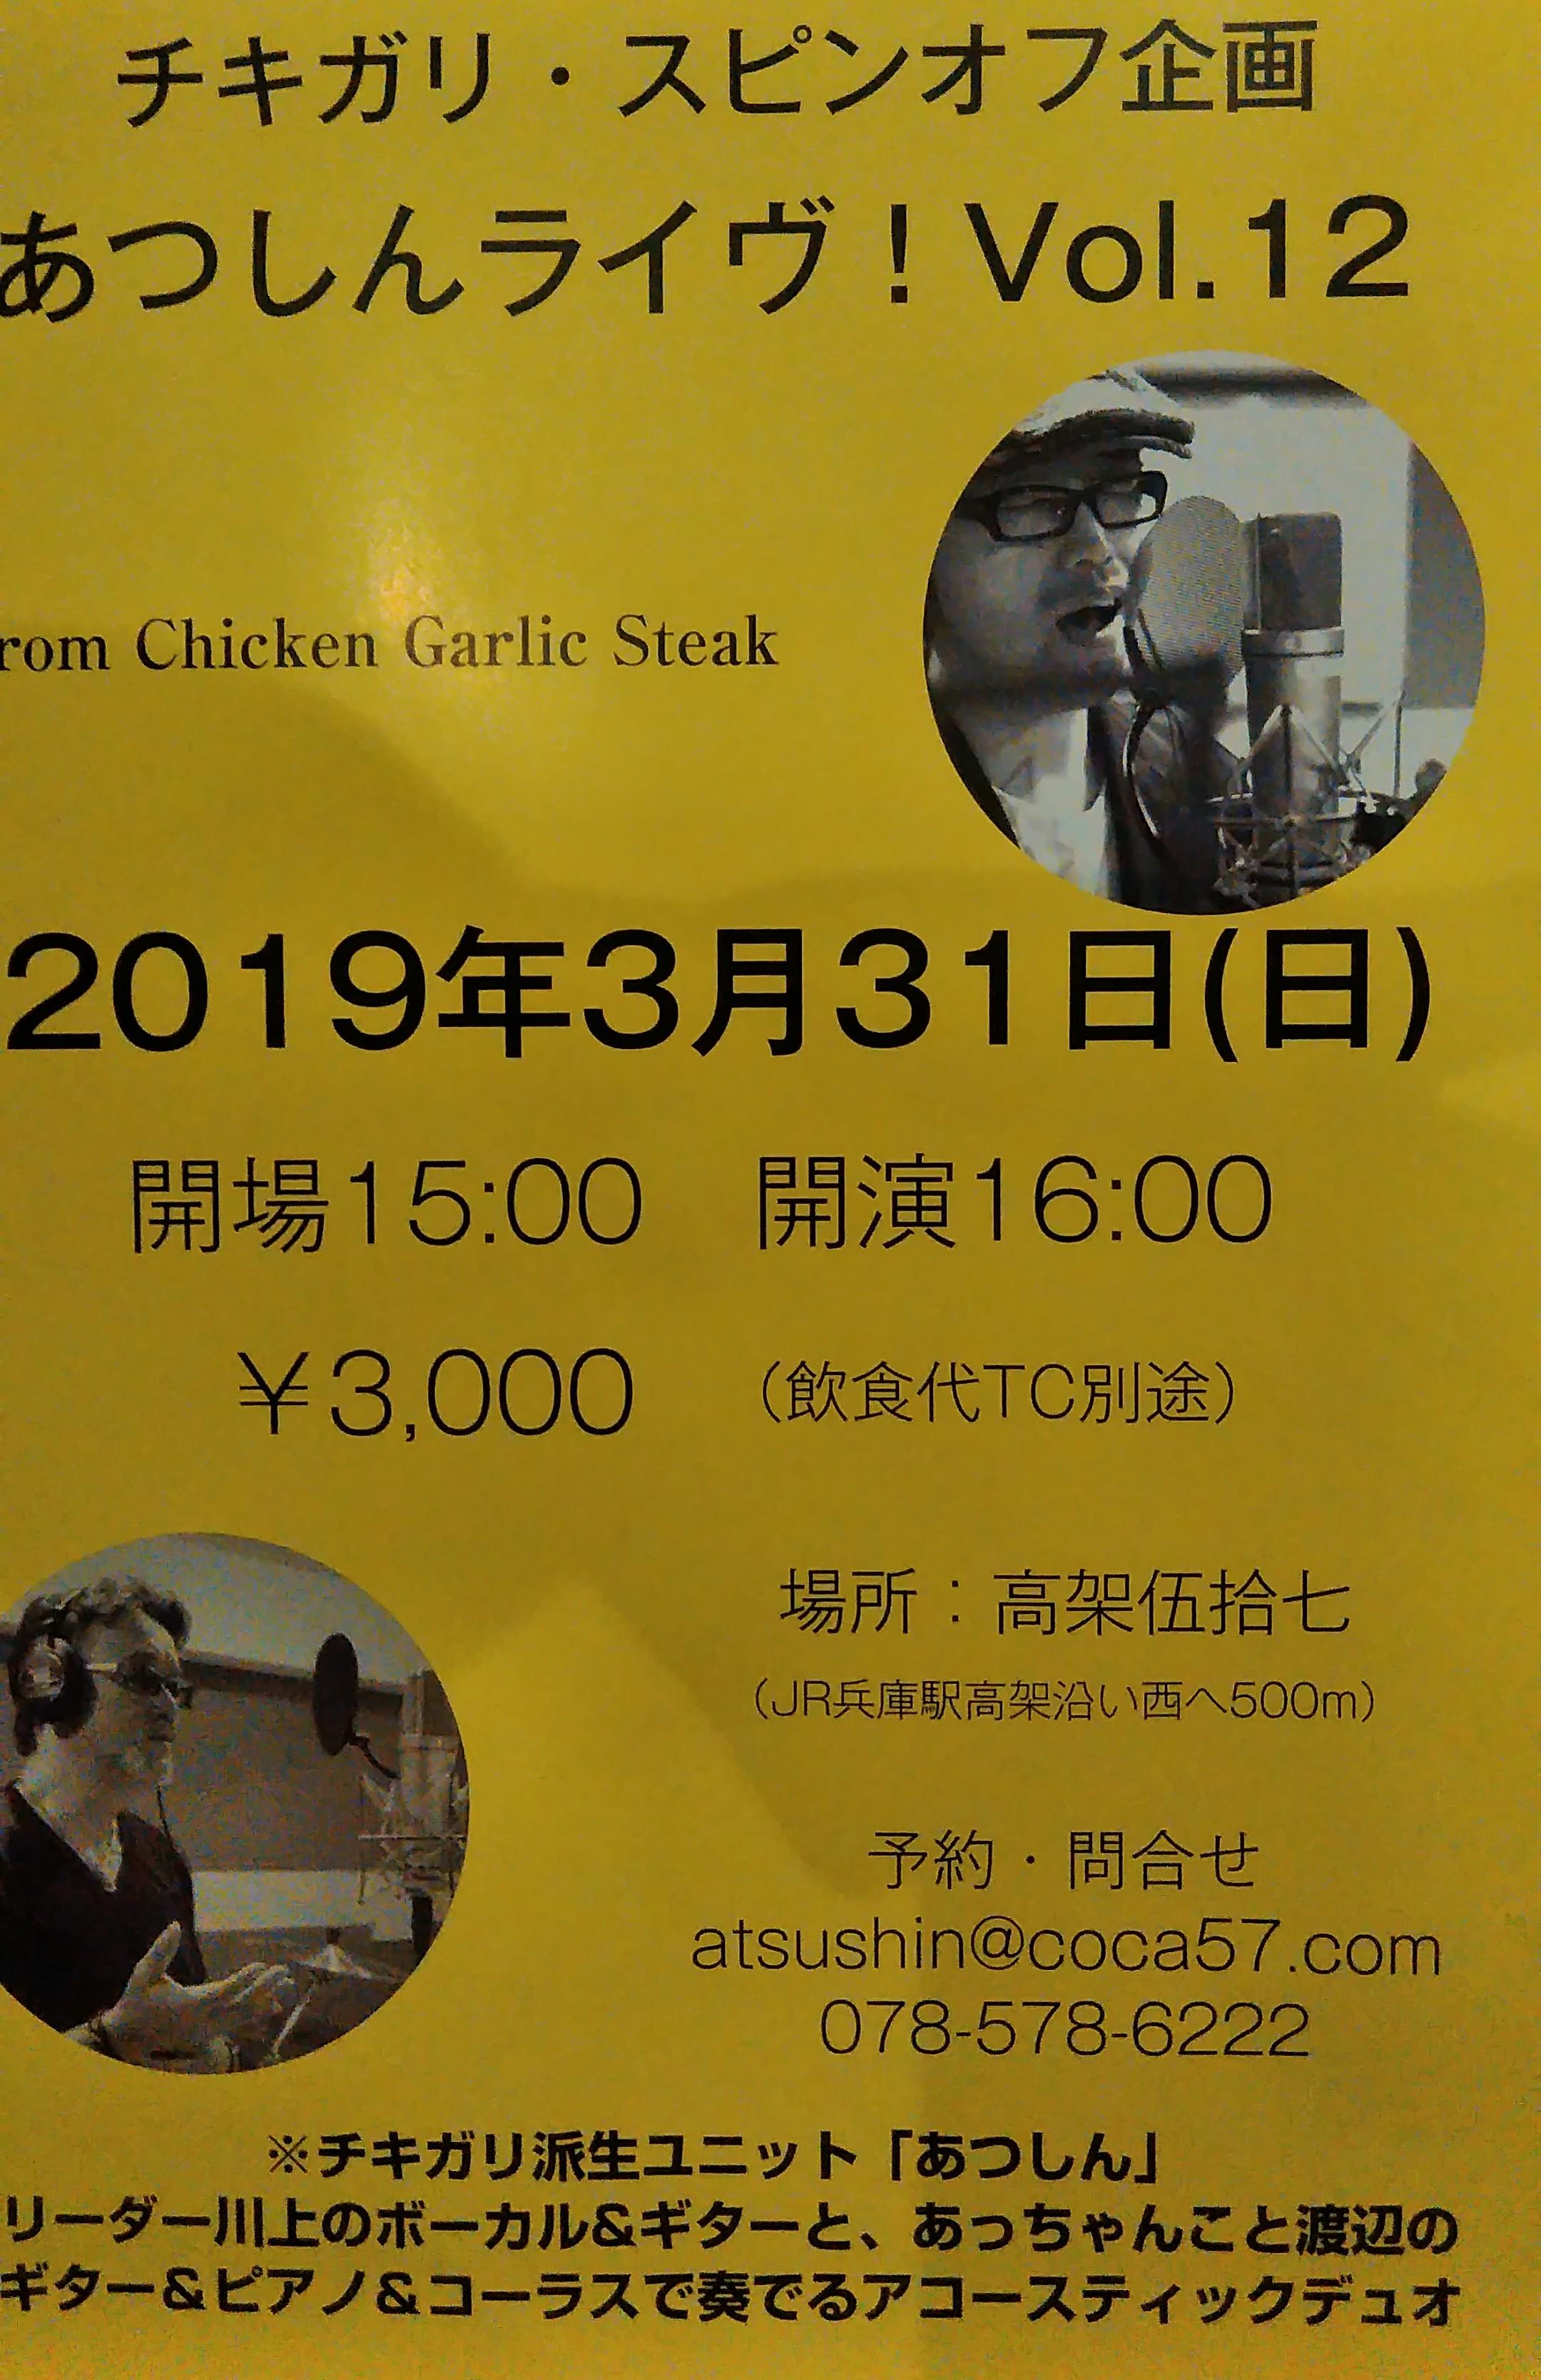 CGSスピンオフ「あつしんLive」 vol.12!